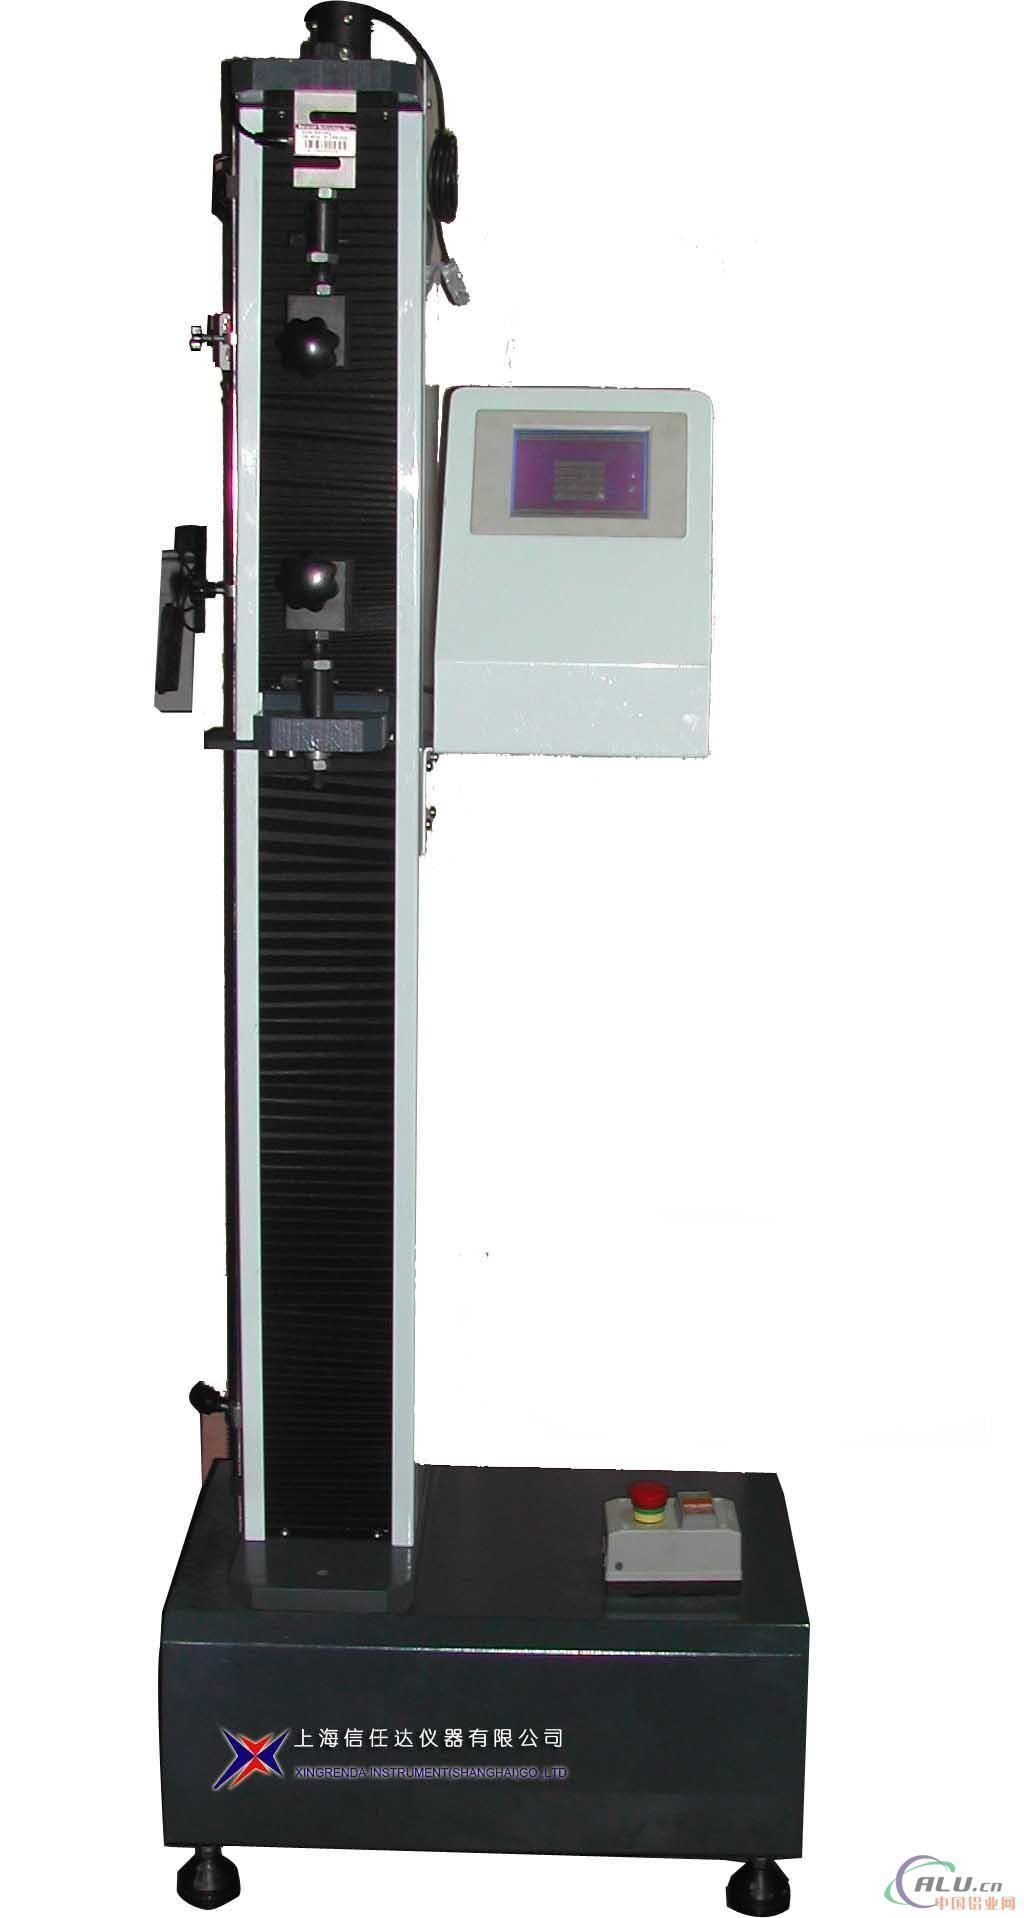 铝棒拉力机工作原理: 铝棒拉力机运用电动马达带动丝杆之设计原理,主要由美国进口力量传感器、伺服驱动器、微处理器、计算机及彩色喷墨打印机构成。高精度伺服调速电动机可设置无级试验速度。各集成构件间均采用插接方式联接。落地式机型 ,造型轻便,操作快捷,尤其适合铝棒薄膜等试验频繁之所用。 铝棒拉力机的功能简介: 具有国内领先技术的材料检测设备。产品适用于非铝块、复合材料,铝棒及制品的拉伸、压缩、铝棒、剪切、撕裂、剥离等物理性能试验。运用windowsxp 操作系统平台,图形图象化的软件界面、灵活的数据处理方式、模